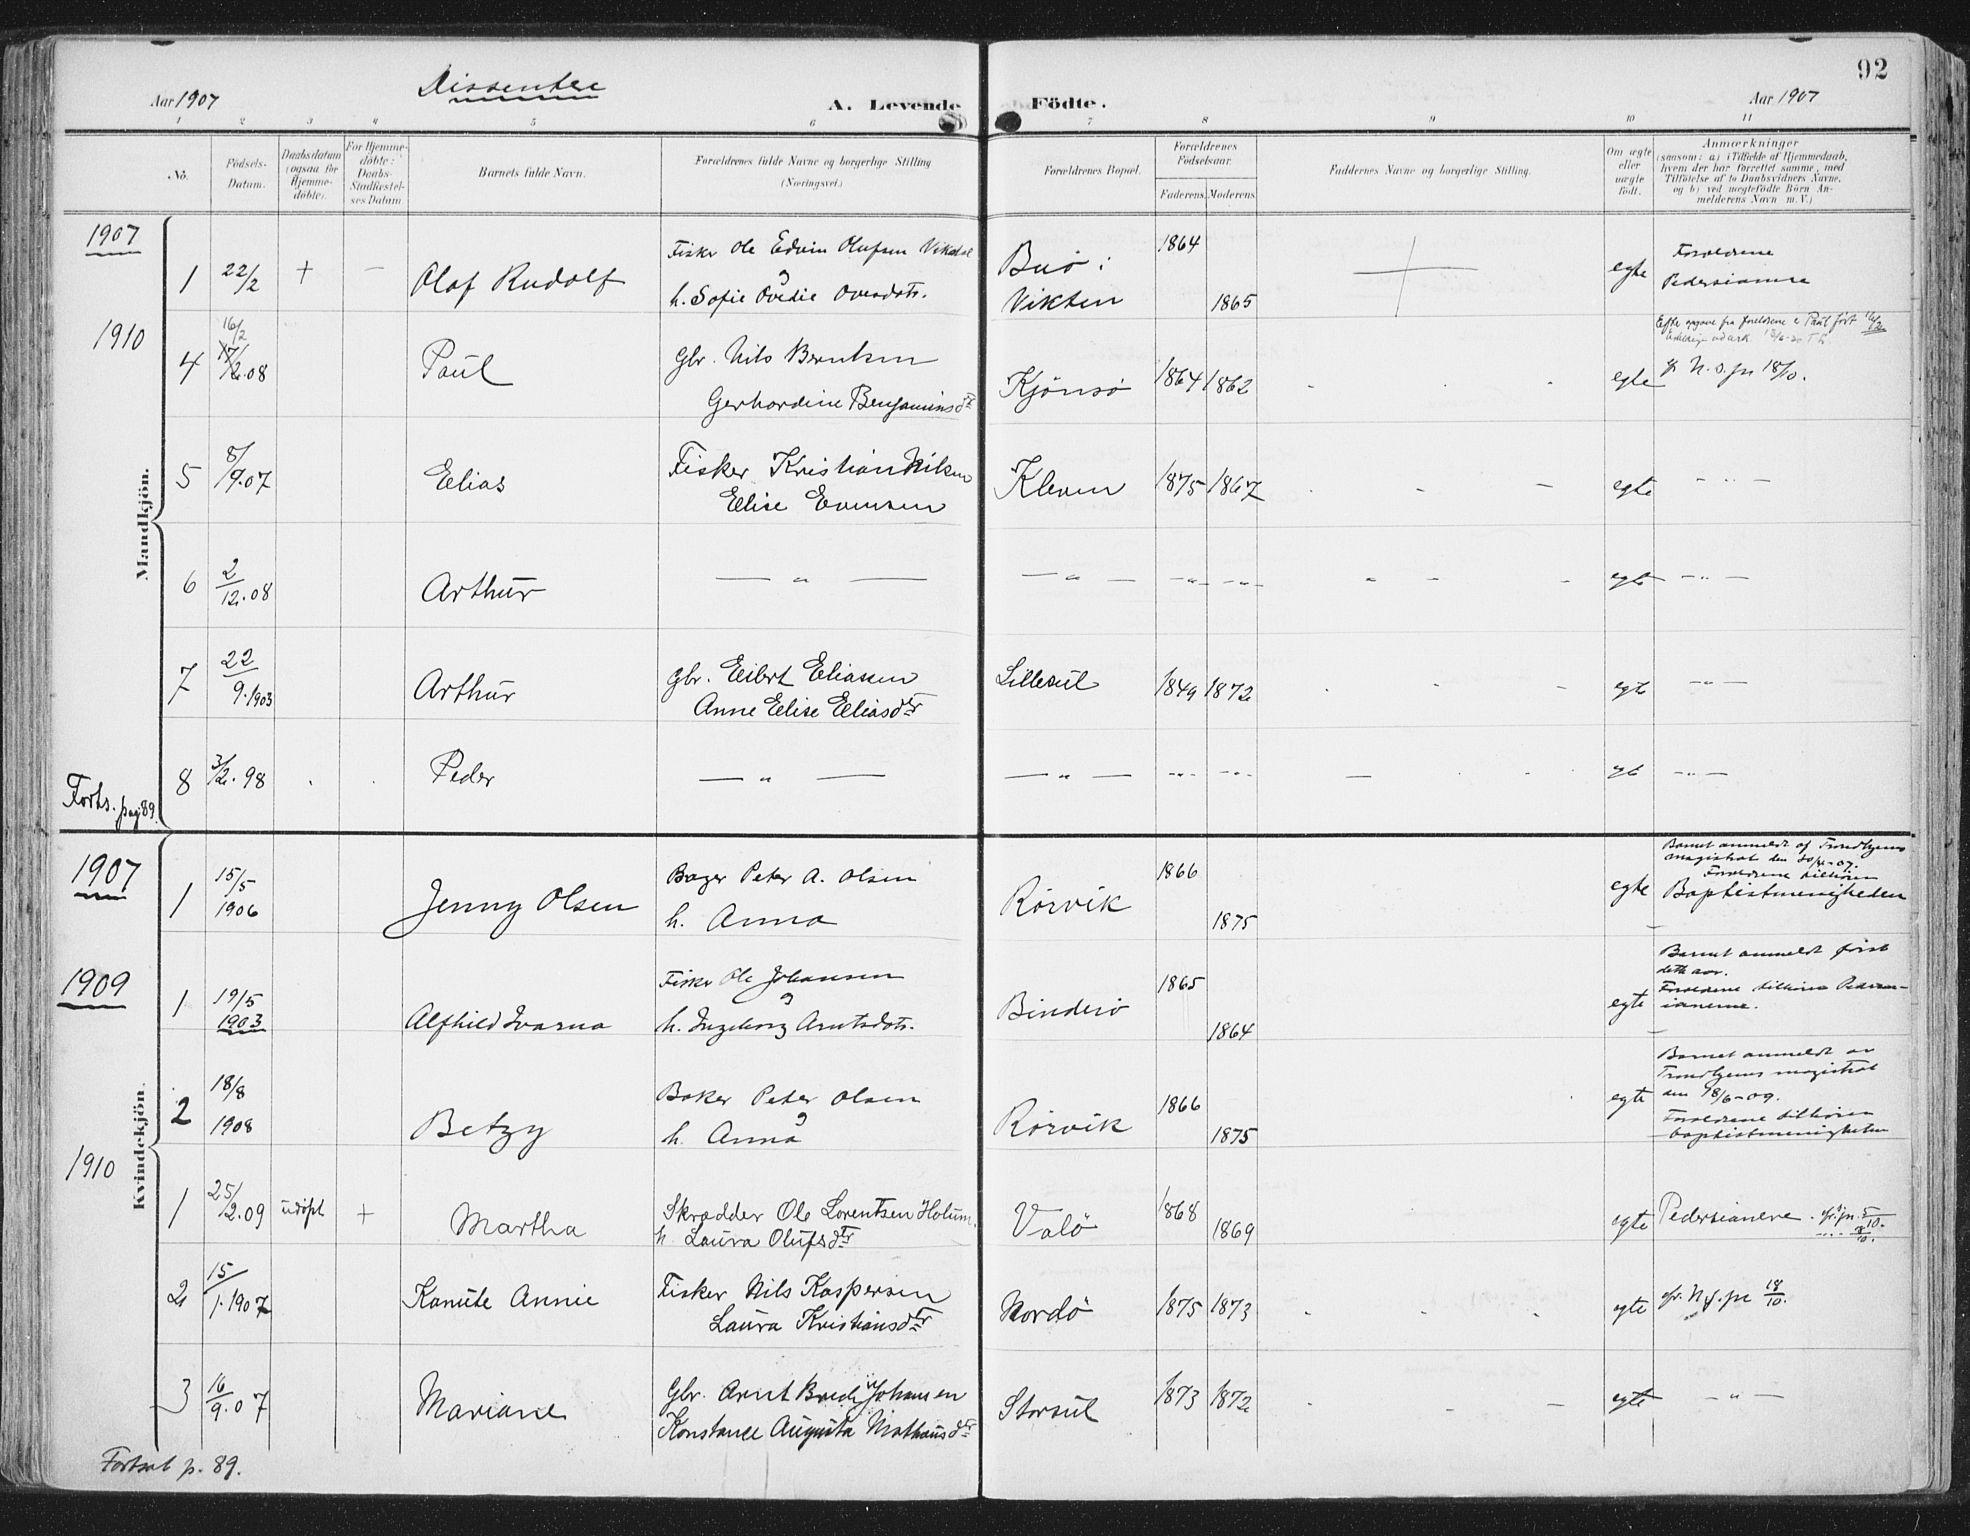 SAT, Ministerialprotokoller, klokkerbøker og fødselsregistre - Nord-Trøndelag, 786/L0688: Ministerialbok nr. 786A04, 1899-1912, s. 92